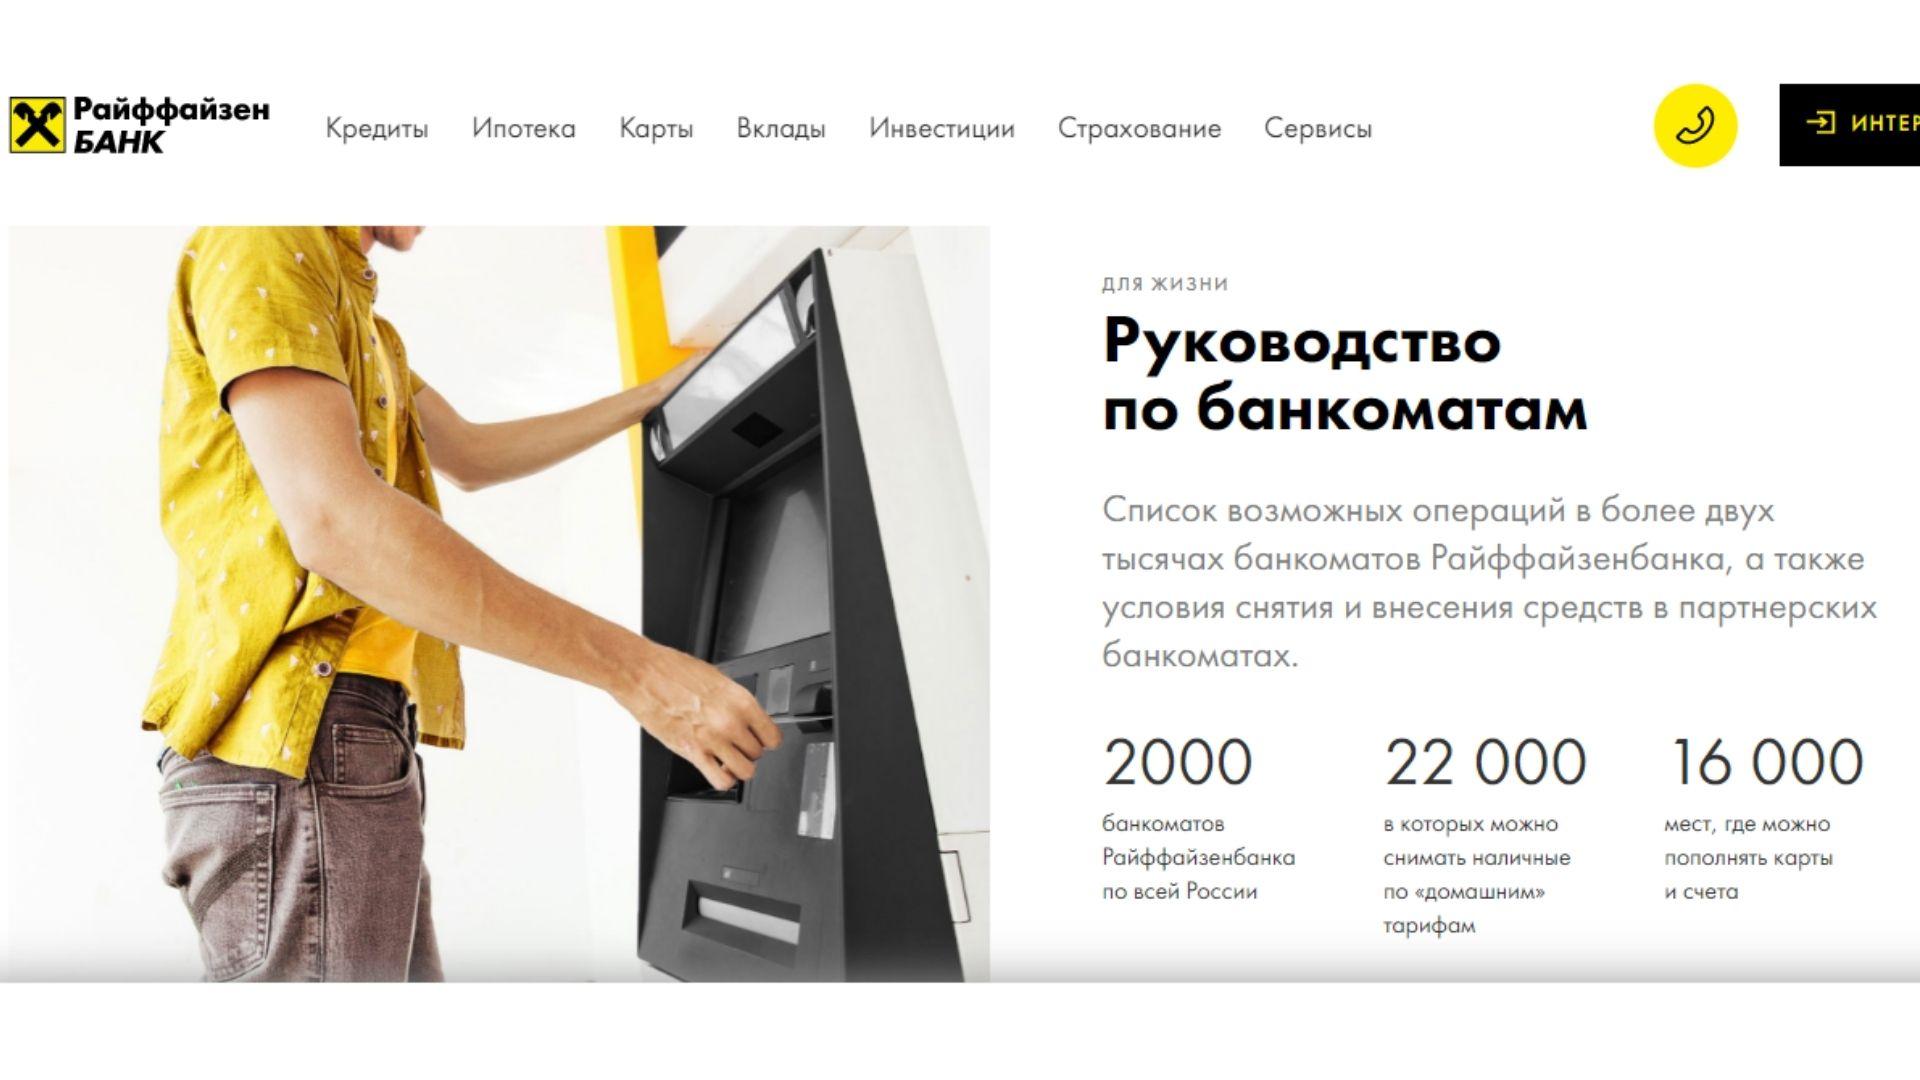 Банки партнёры Райффайзенбанка банкоматы без комиссии бесплатно